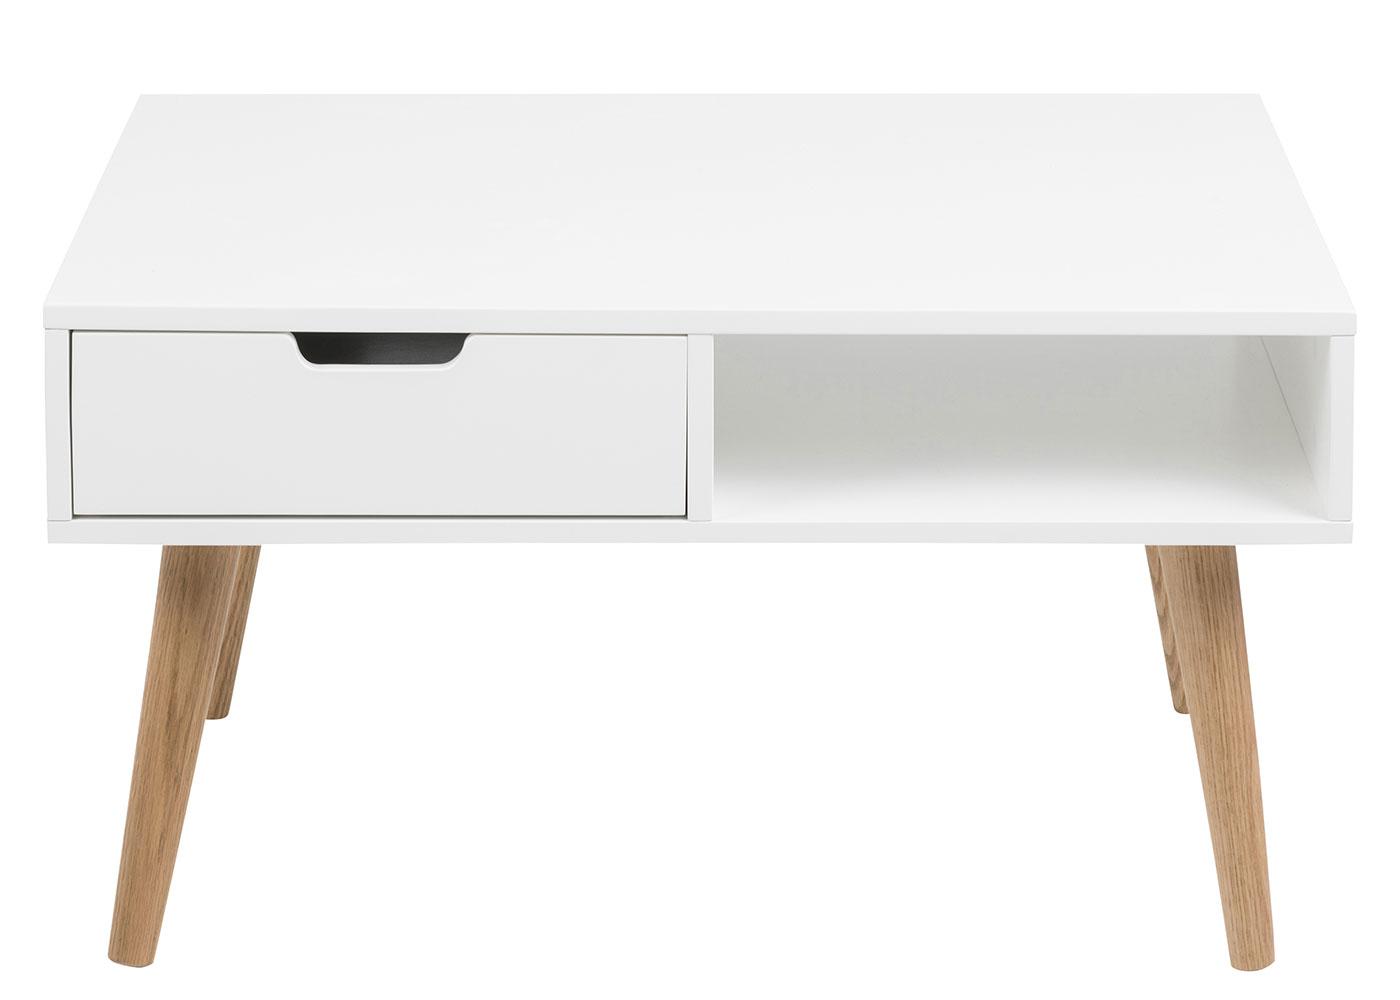 Konferenčný stolík so zásuvkou Marika, 80 cm, biela / dub